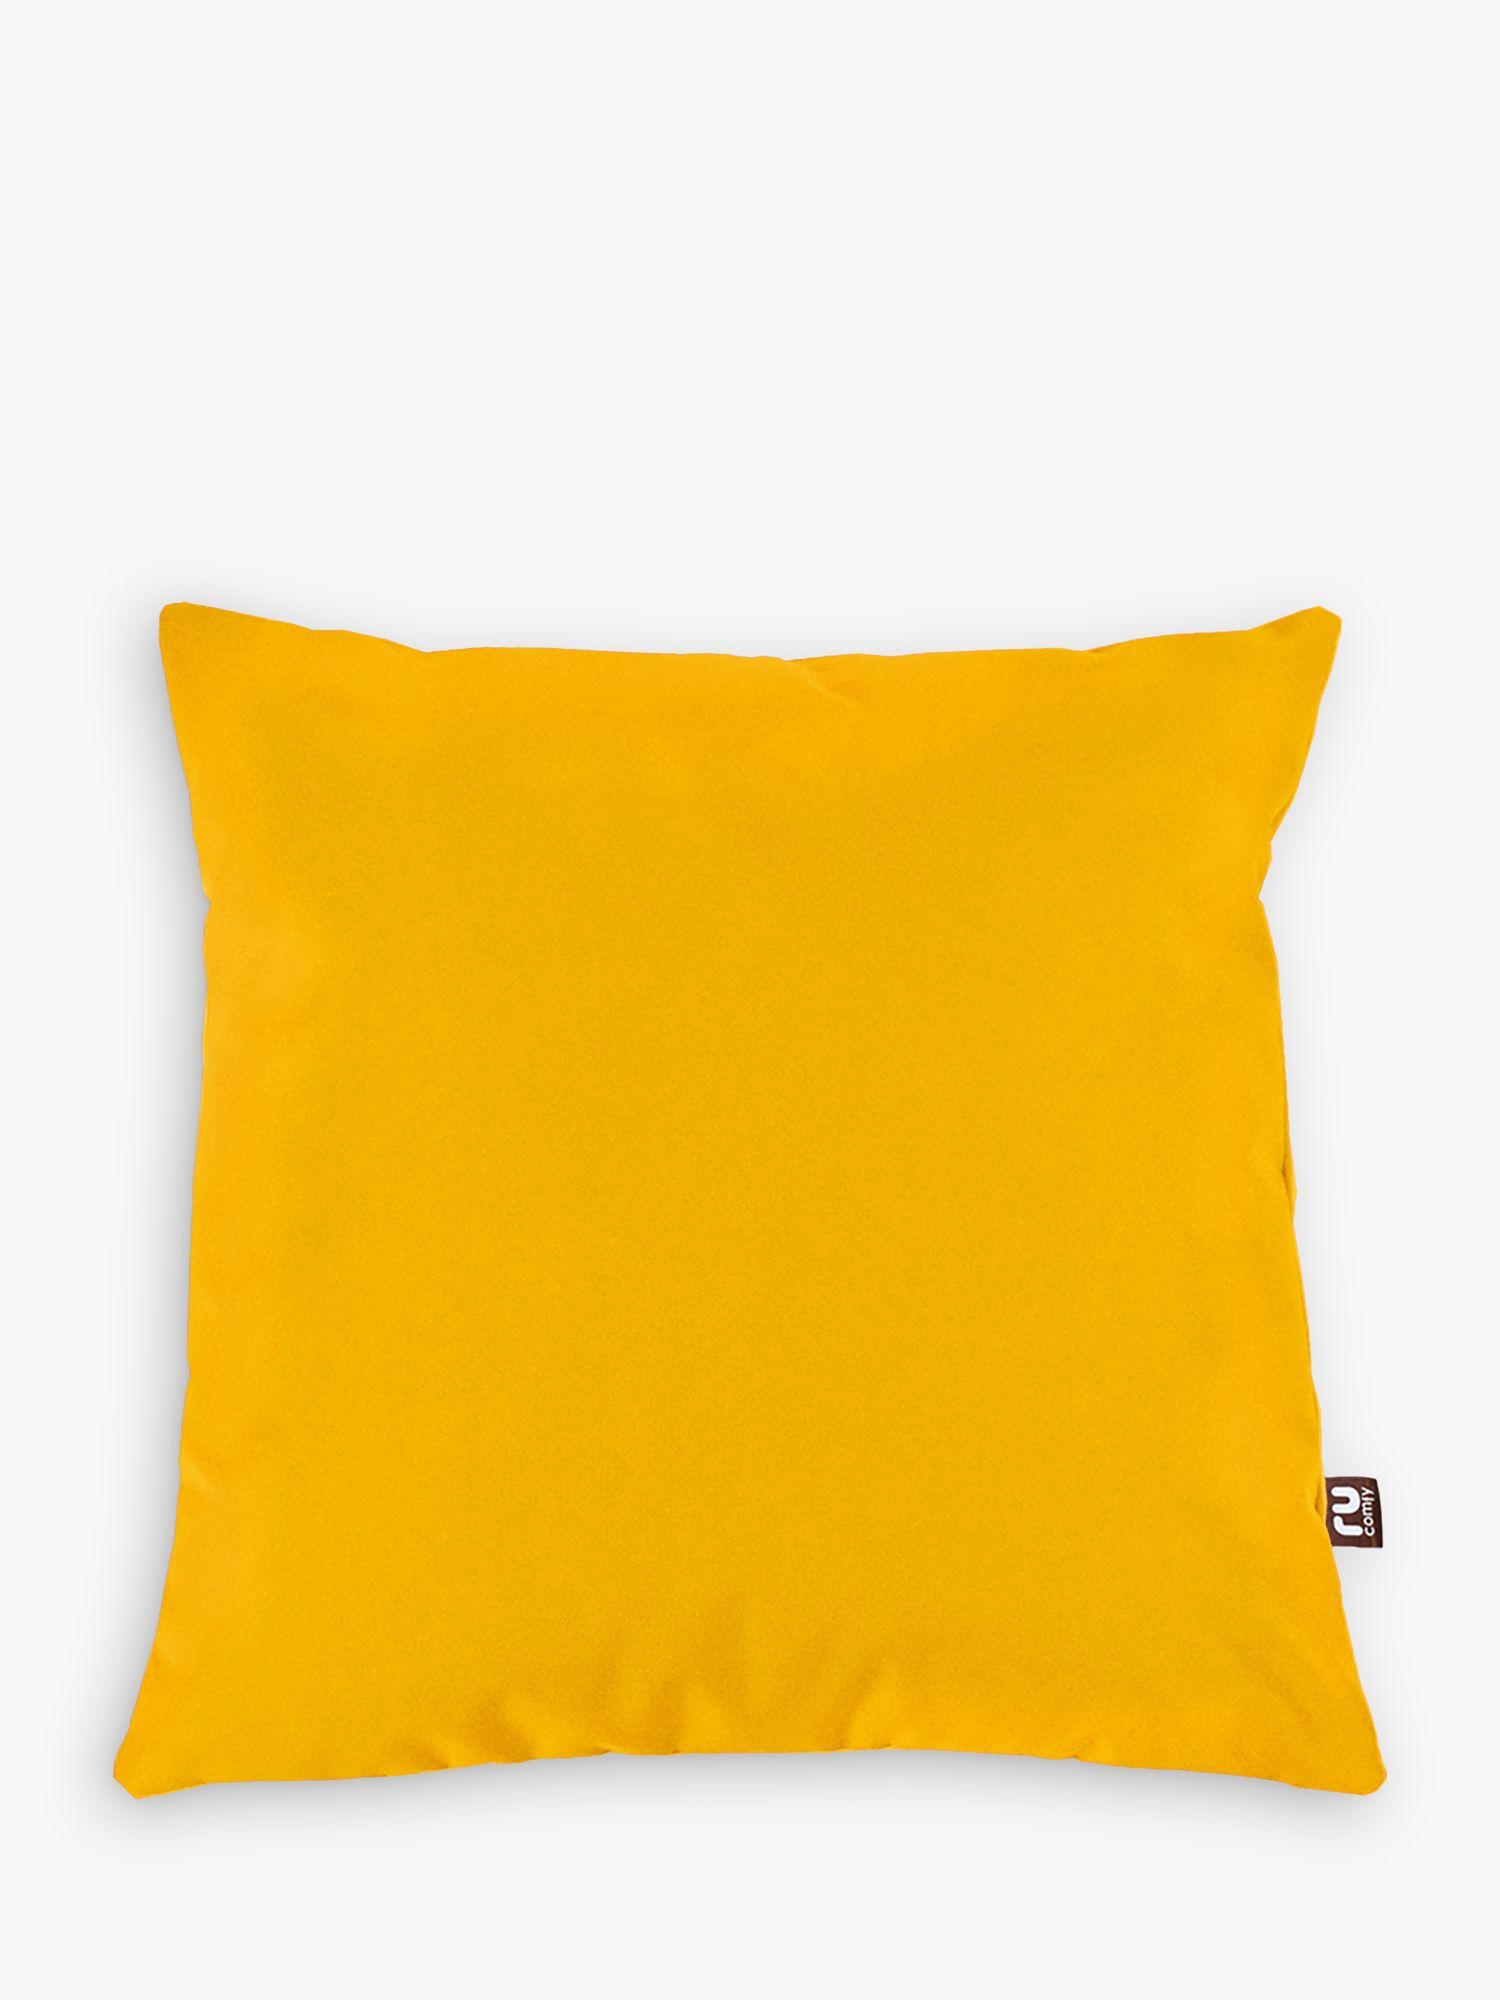 rucomfy Indoor / Outdoor Cushion, Set of 2